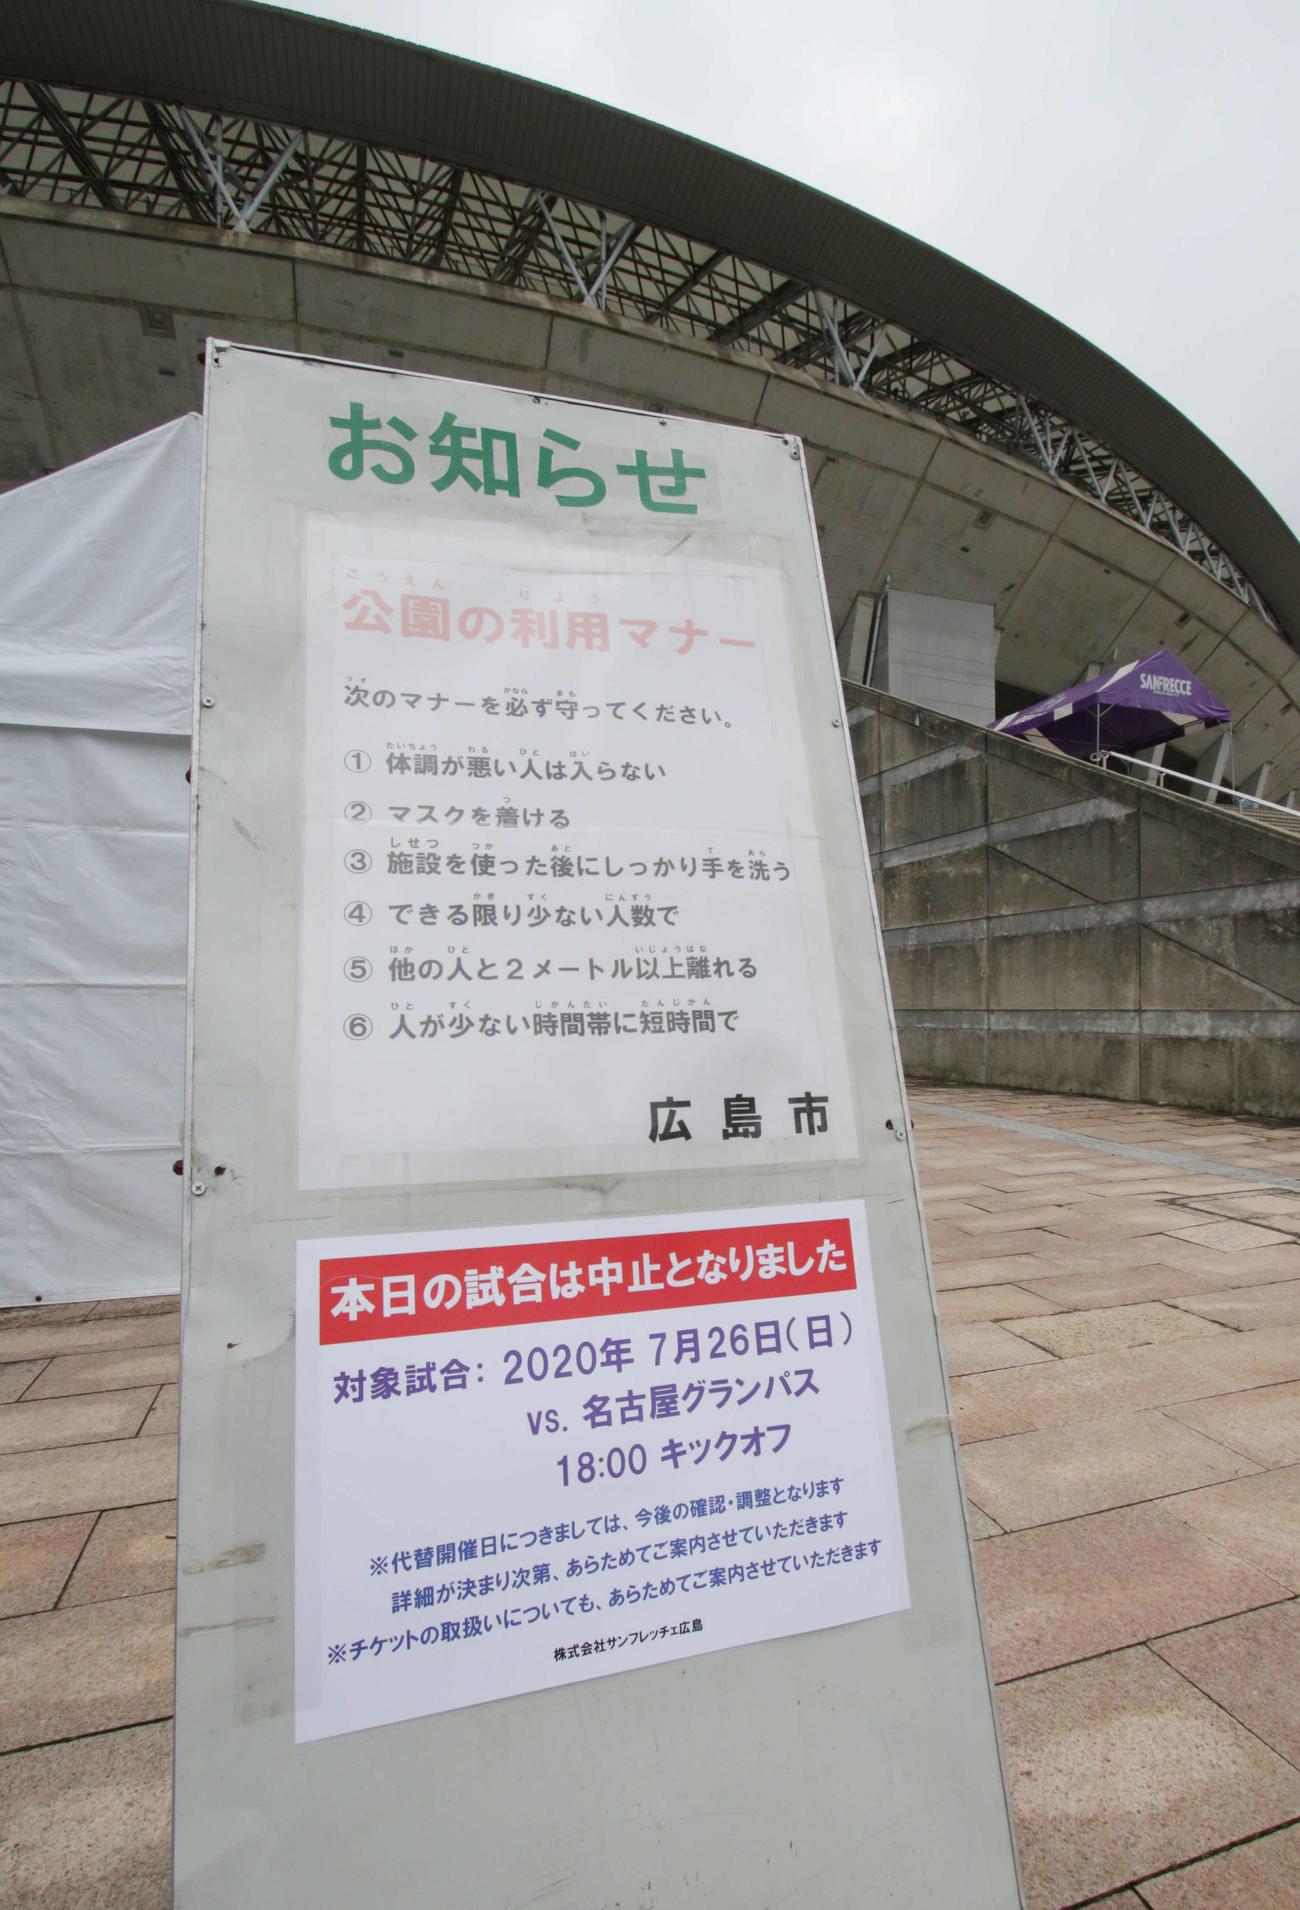 対 広島 名古屋